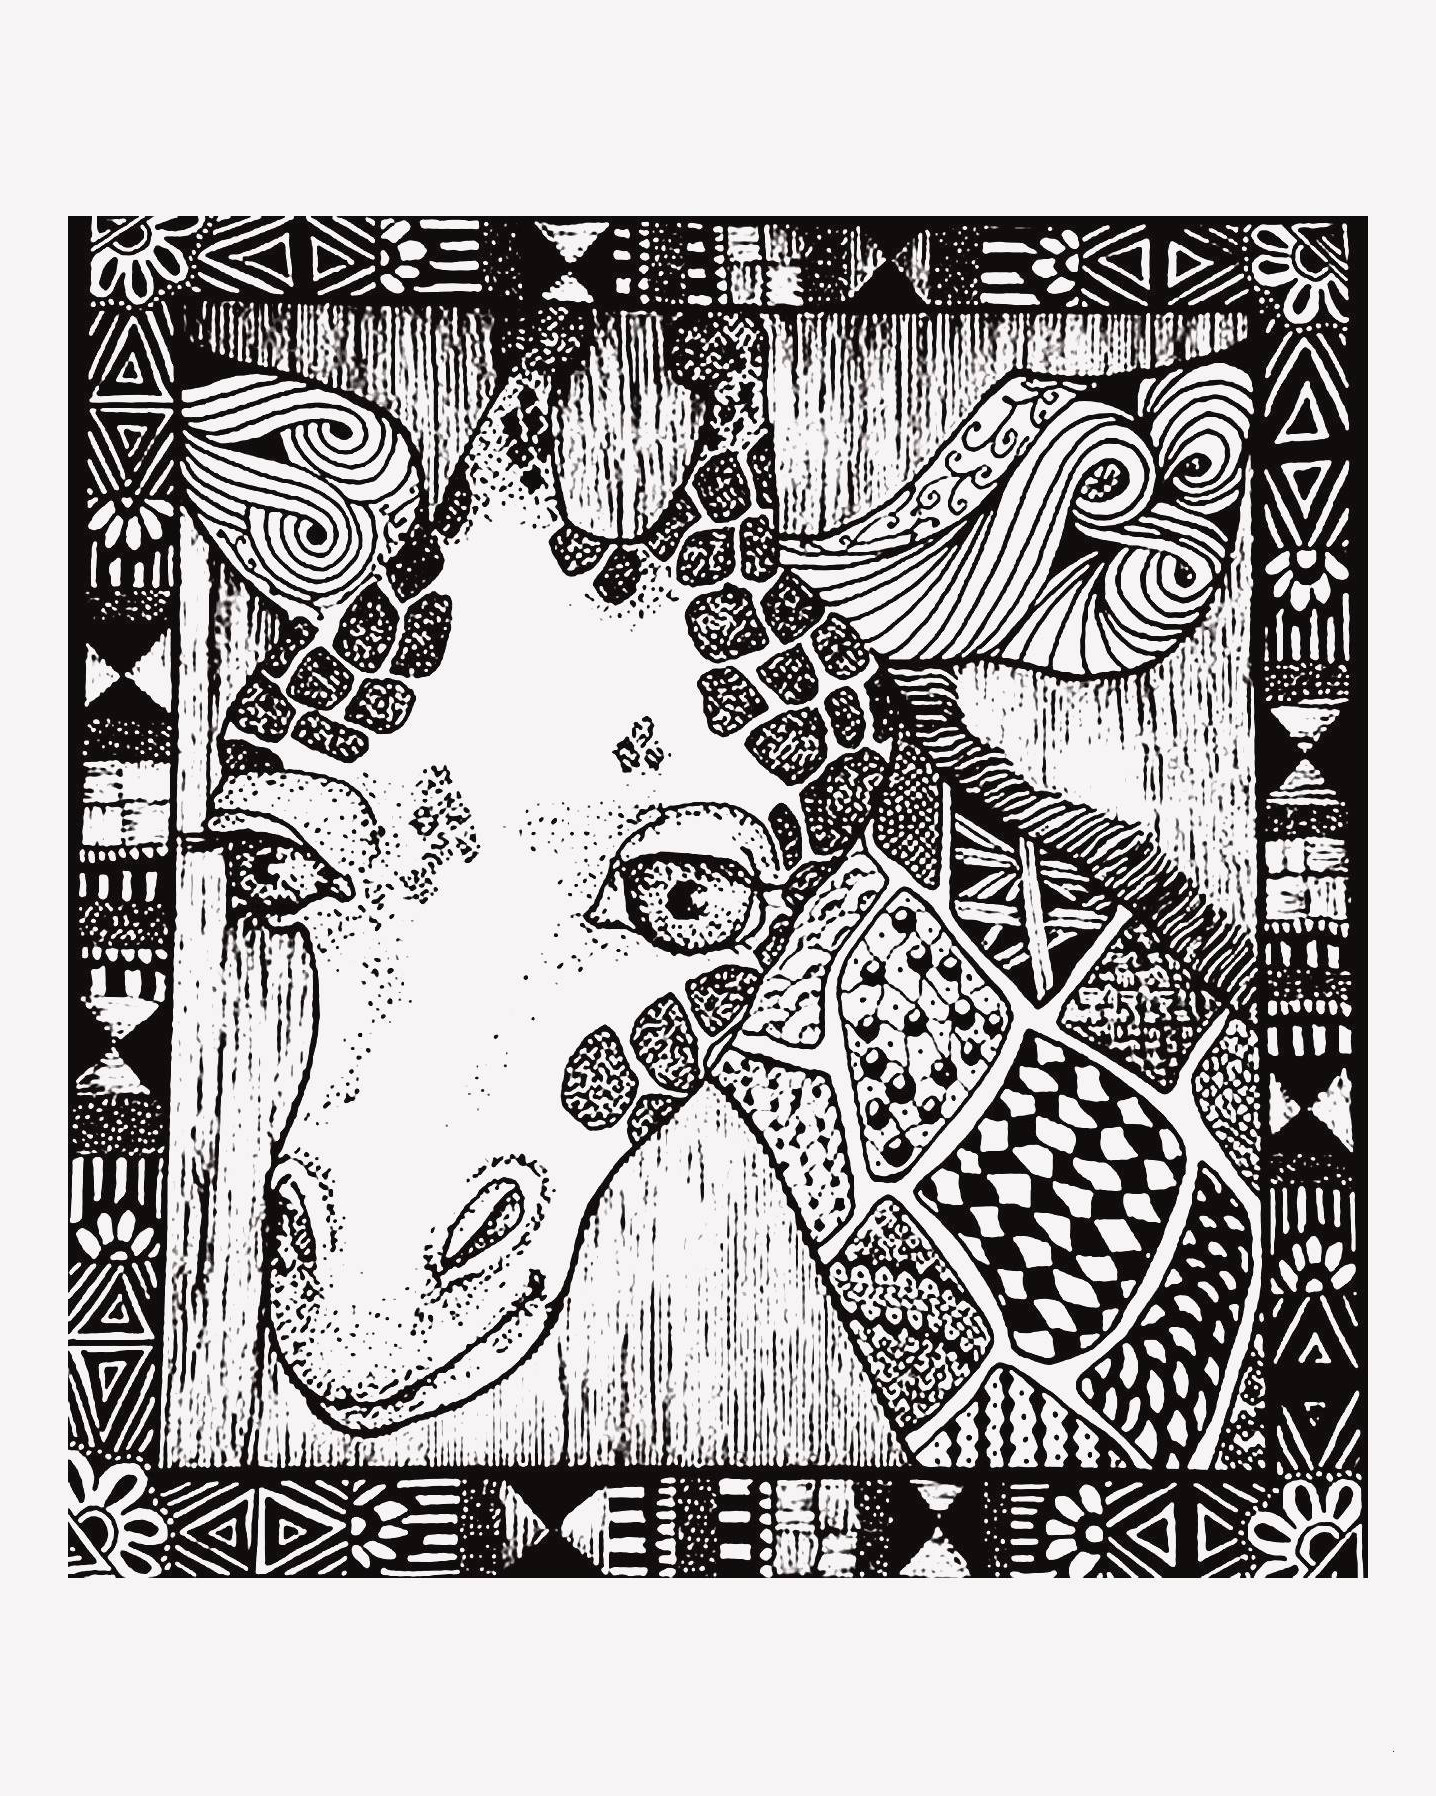 Einhorn Mandala Erwachsene Neu 36 Frisch Einhorn Ausmalbilder Für Erwachsene – Große Coloring Page Galerie